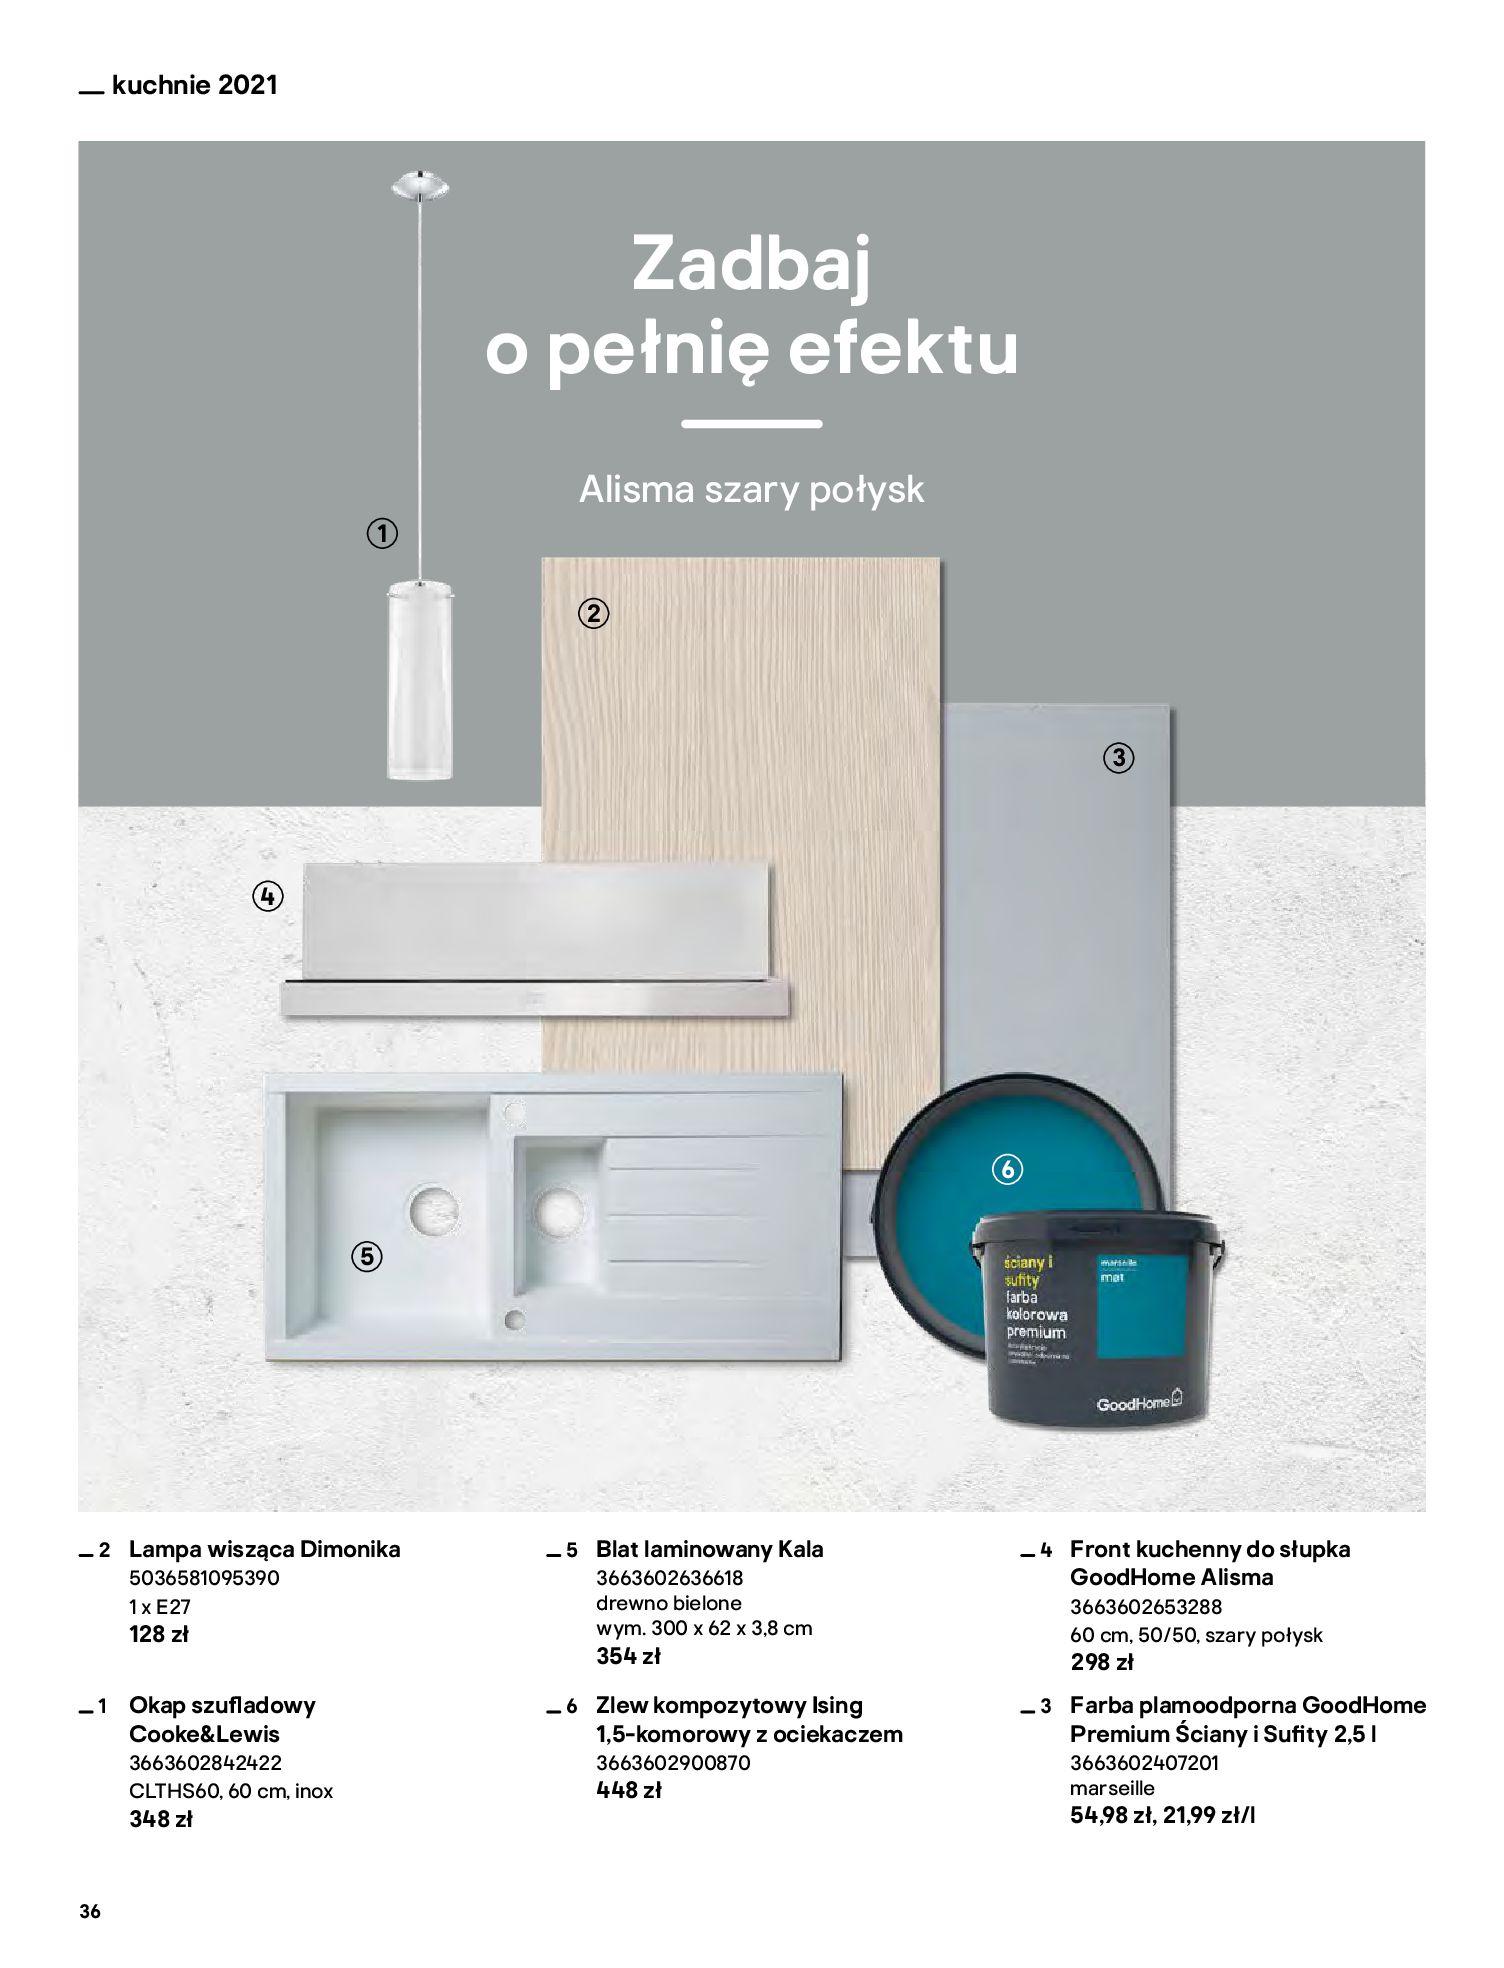 Gazetka Castorama: Katalog kuchnie 2021 2021-05-04 page-36